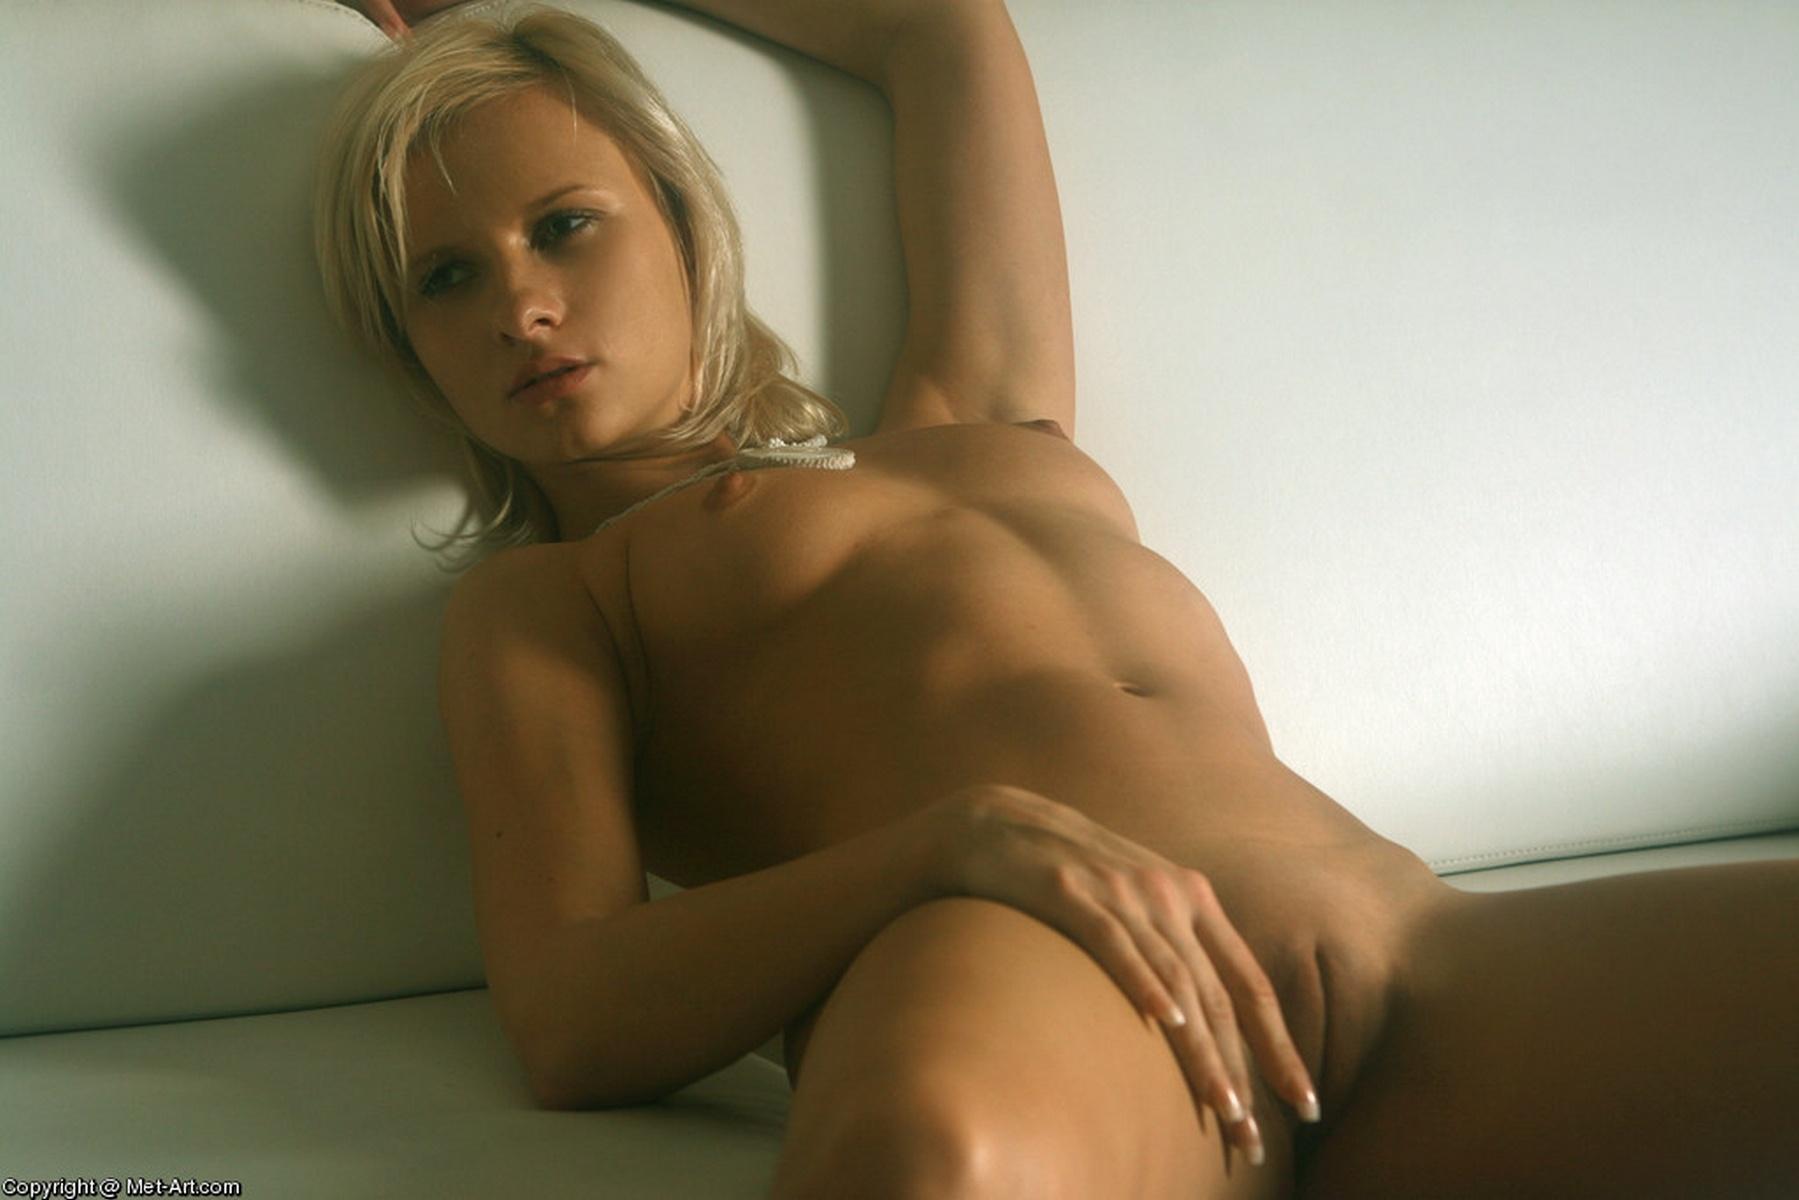 hot sexy erotic photos